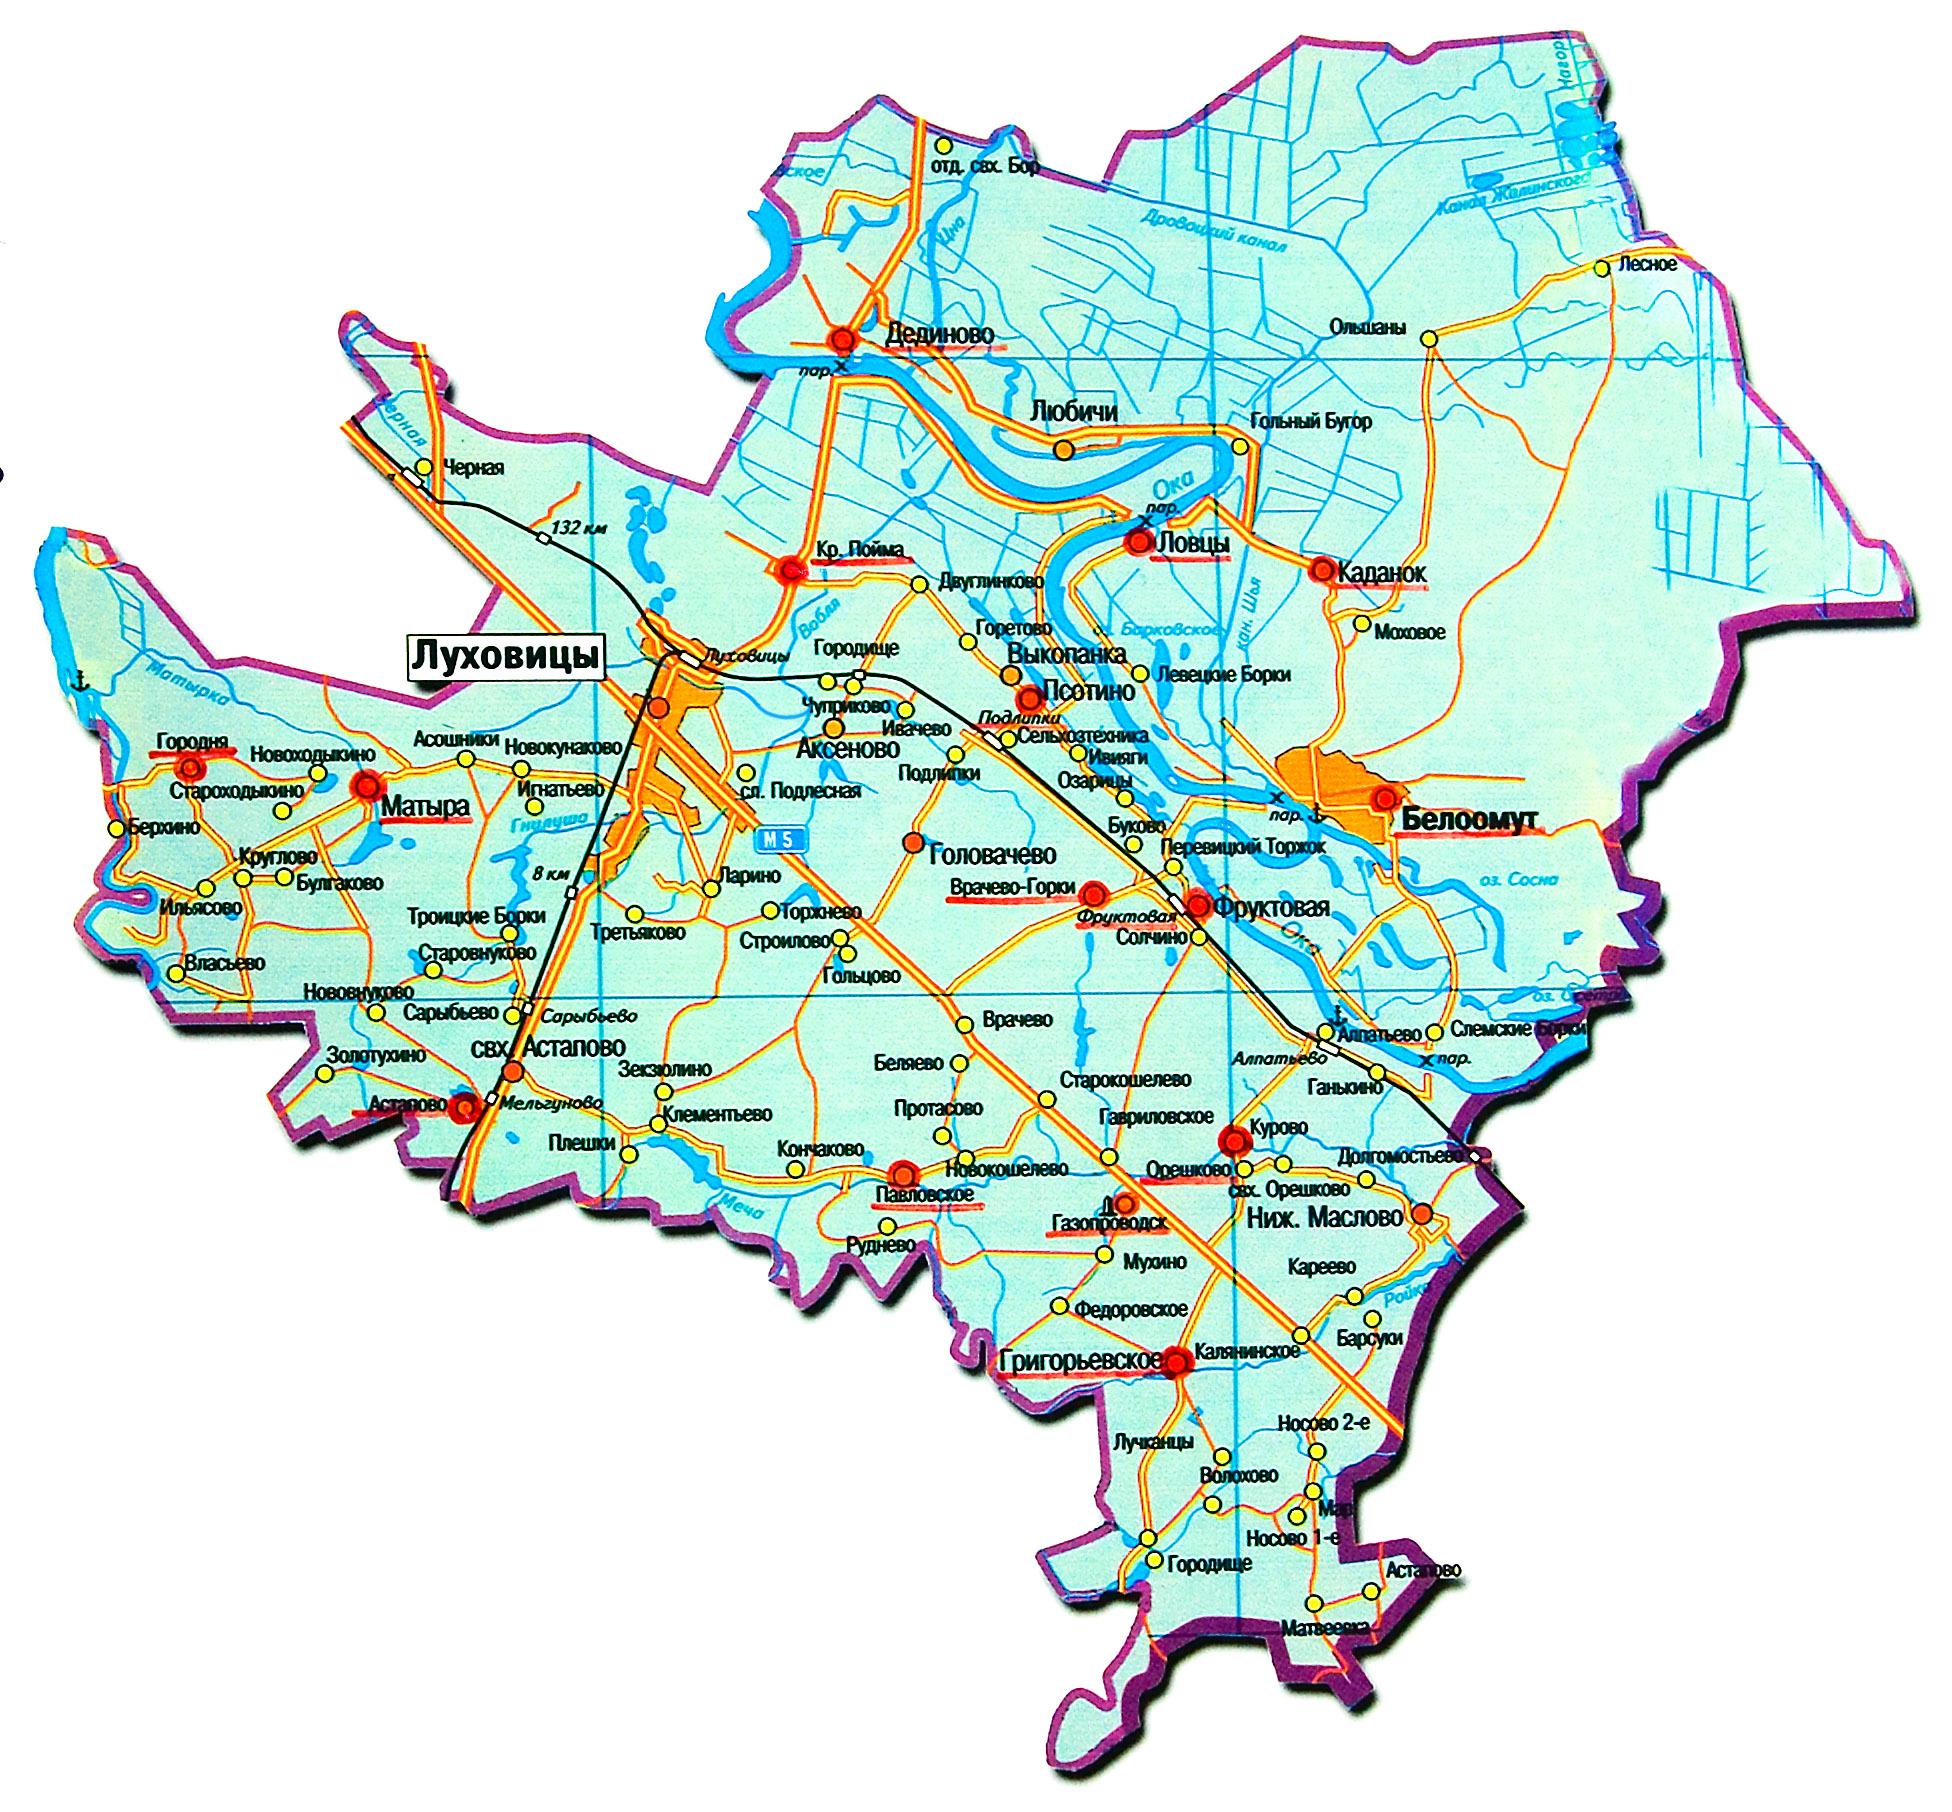 План-схема Луховицкого района (wikipedia.org)